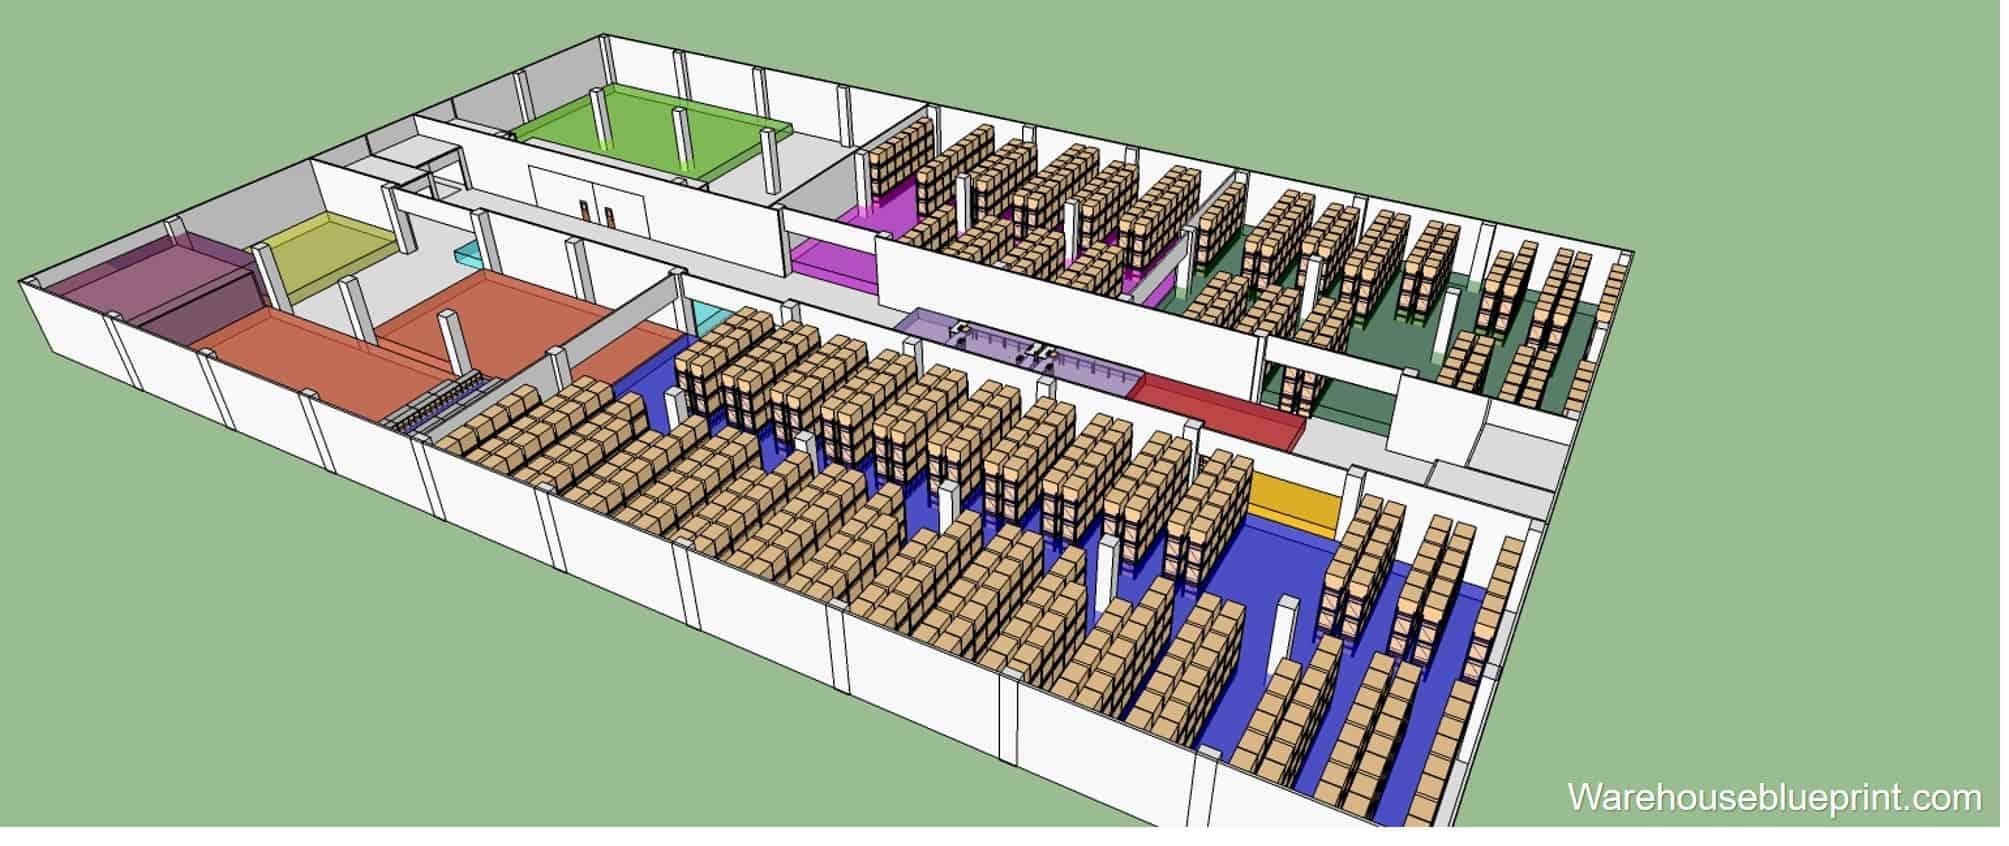 Warehouse Layout Plan Design